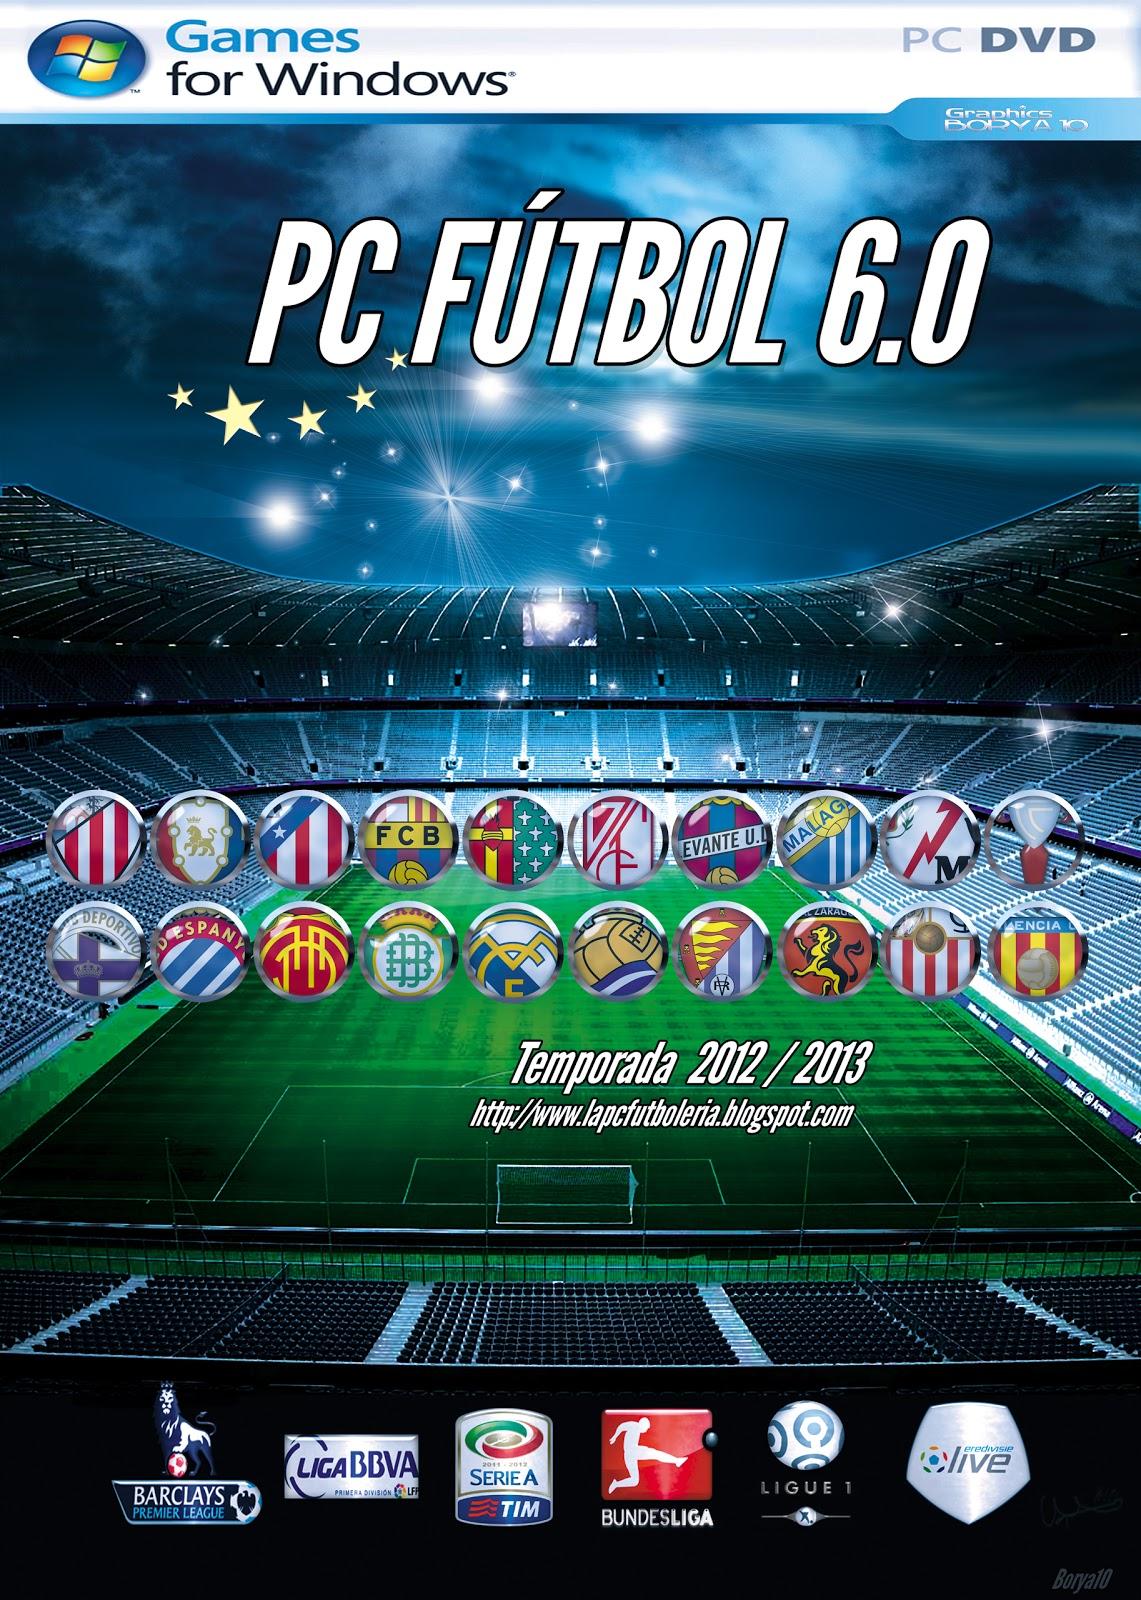 Pc fútbol 6. 0 temporada 97-98 (dinamic multimedia 1997):: pc zone.